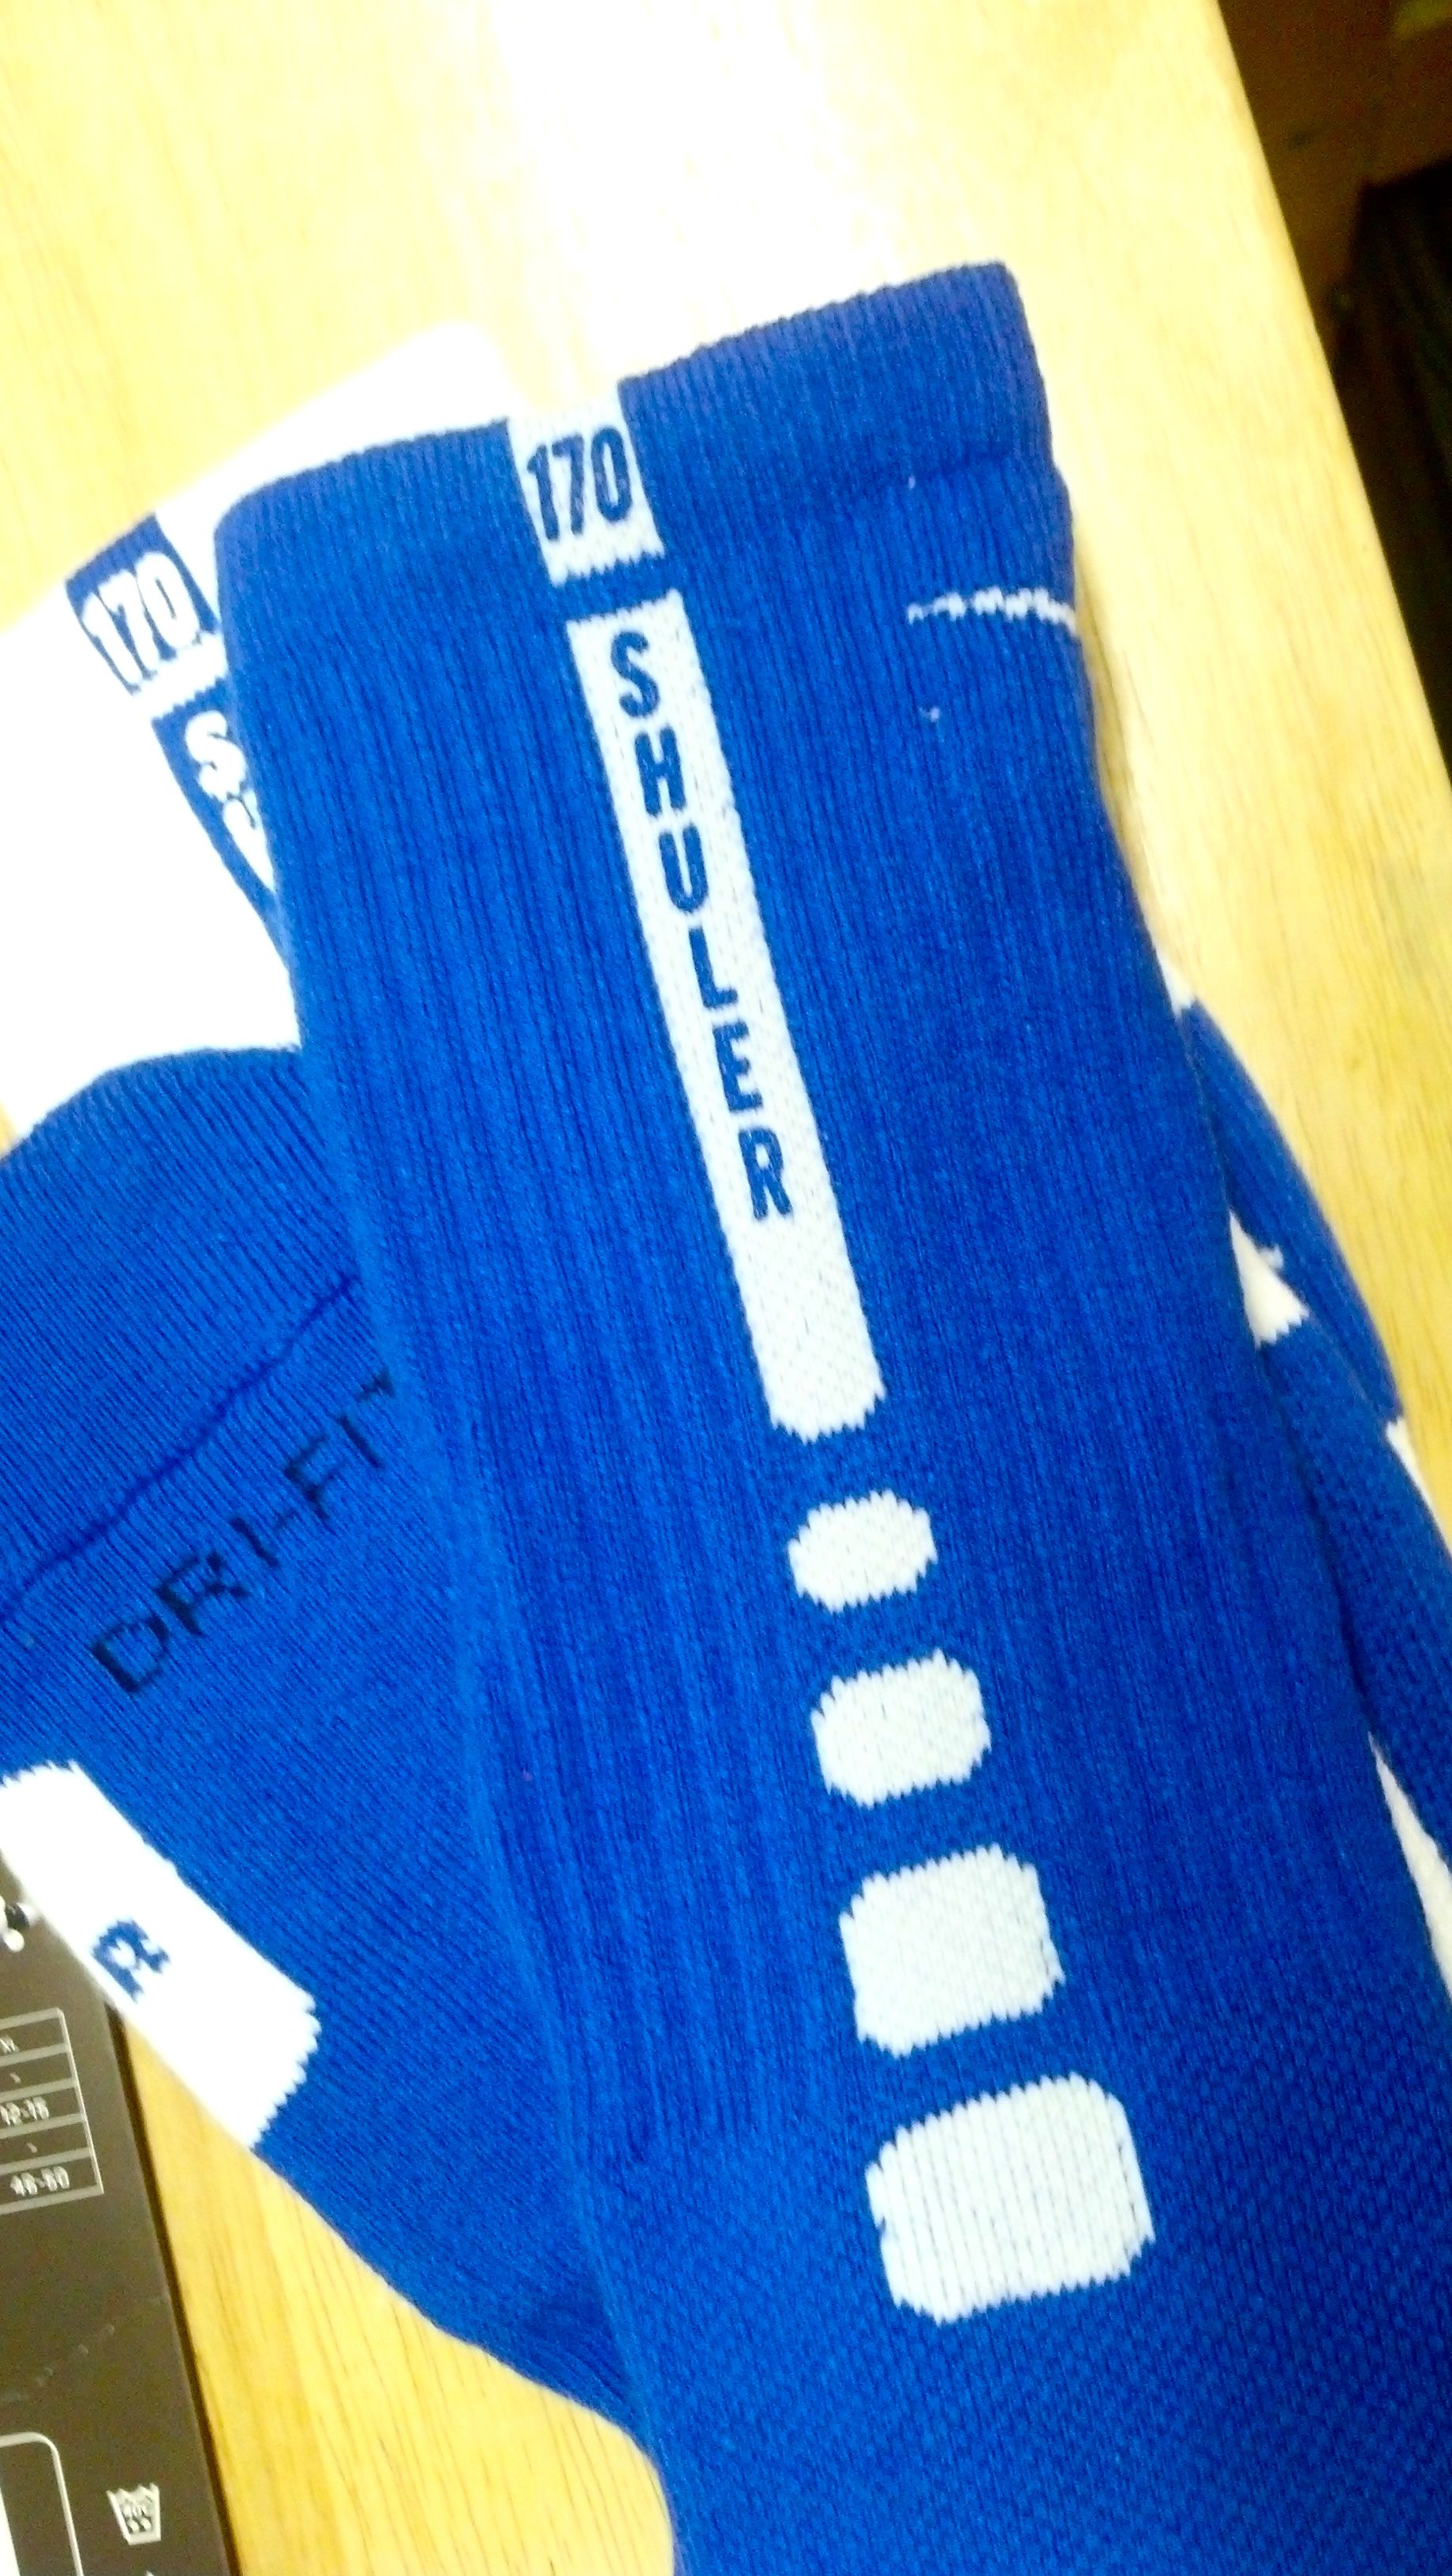 Nike Chaussettes Élite Chemises Personnalisables 2014 unisexe sortie 100% original HhER3